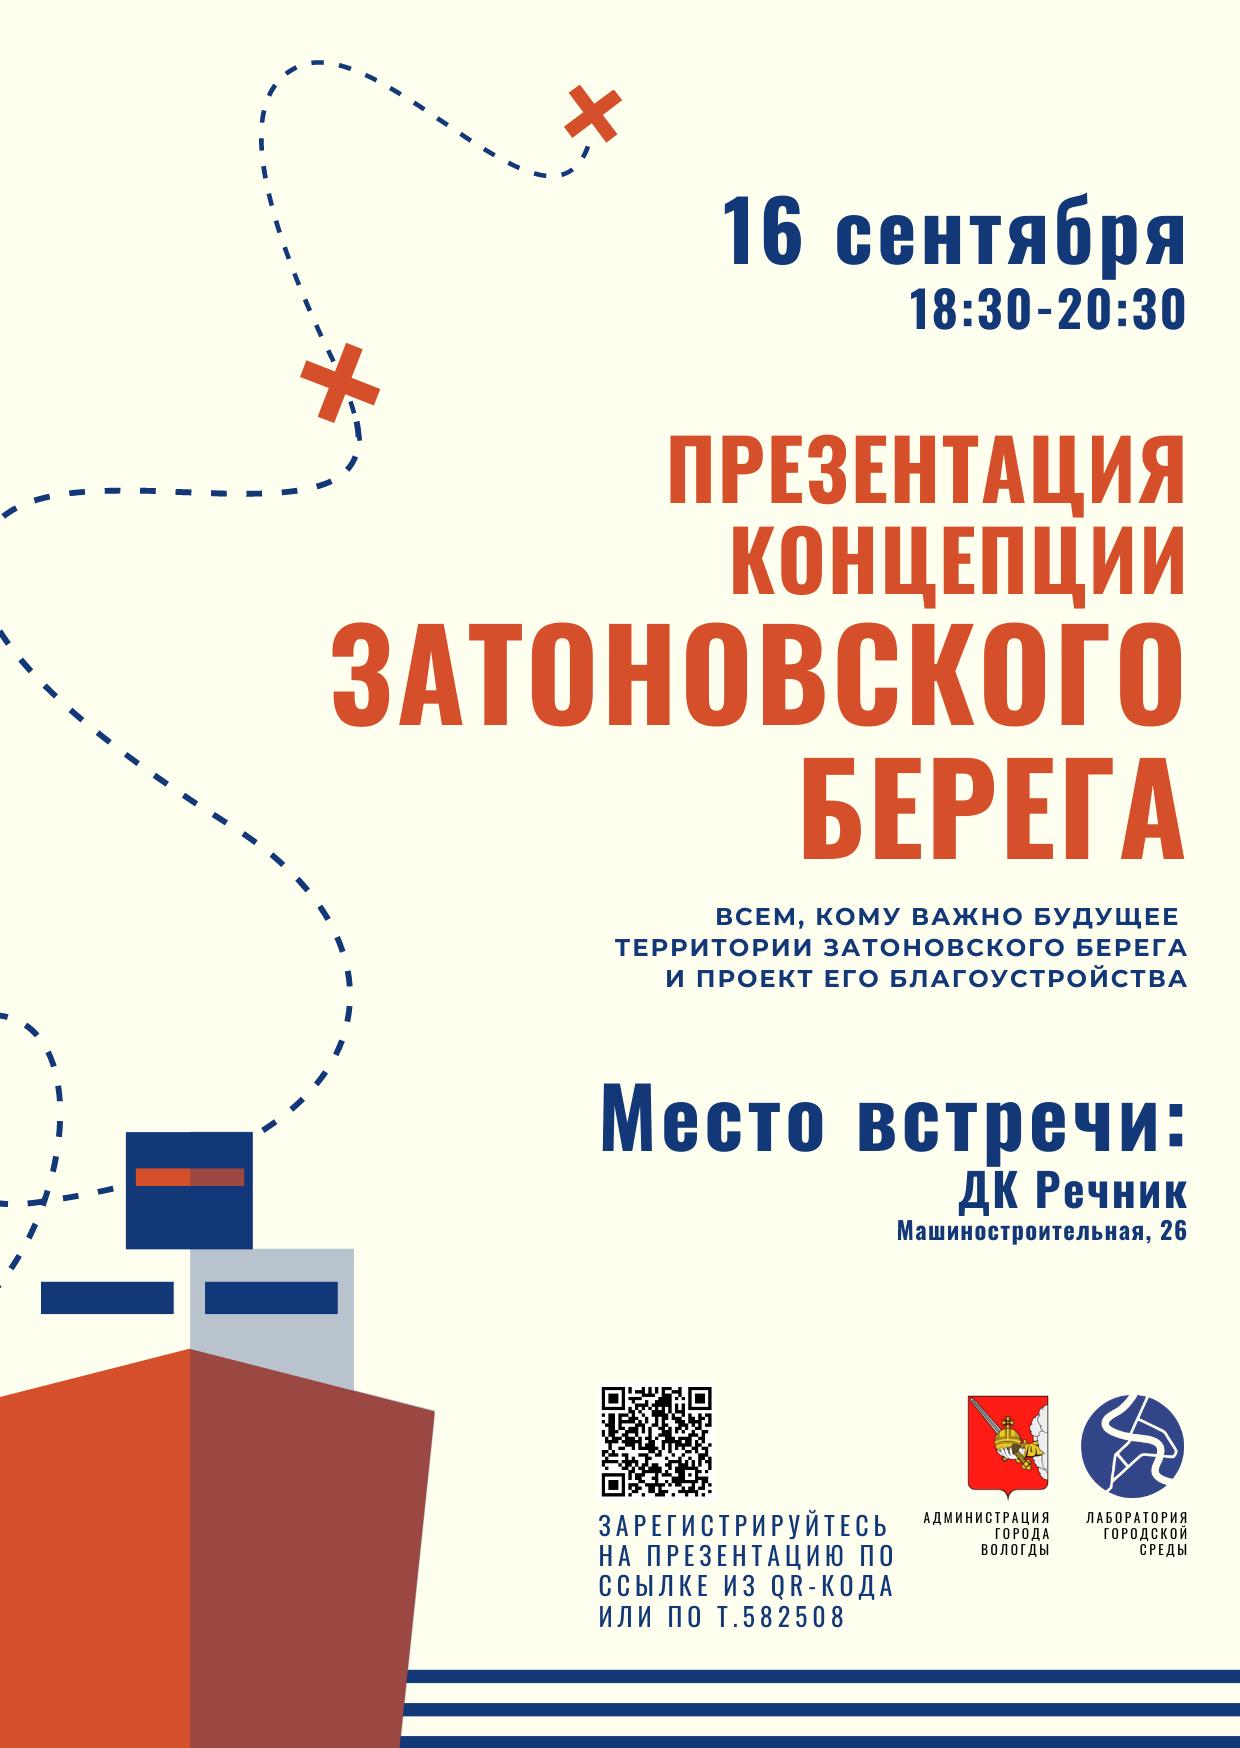 Итоговую концепцию благоустройства Затоновского берега представят в Вологде 16 сентября